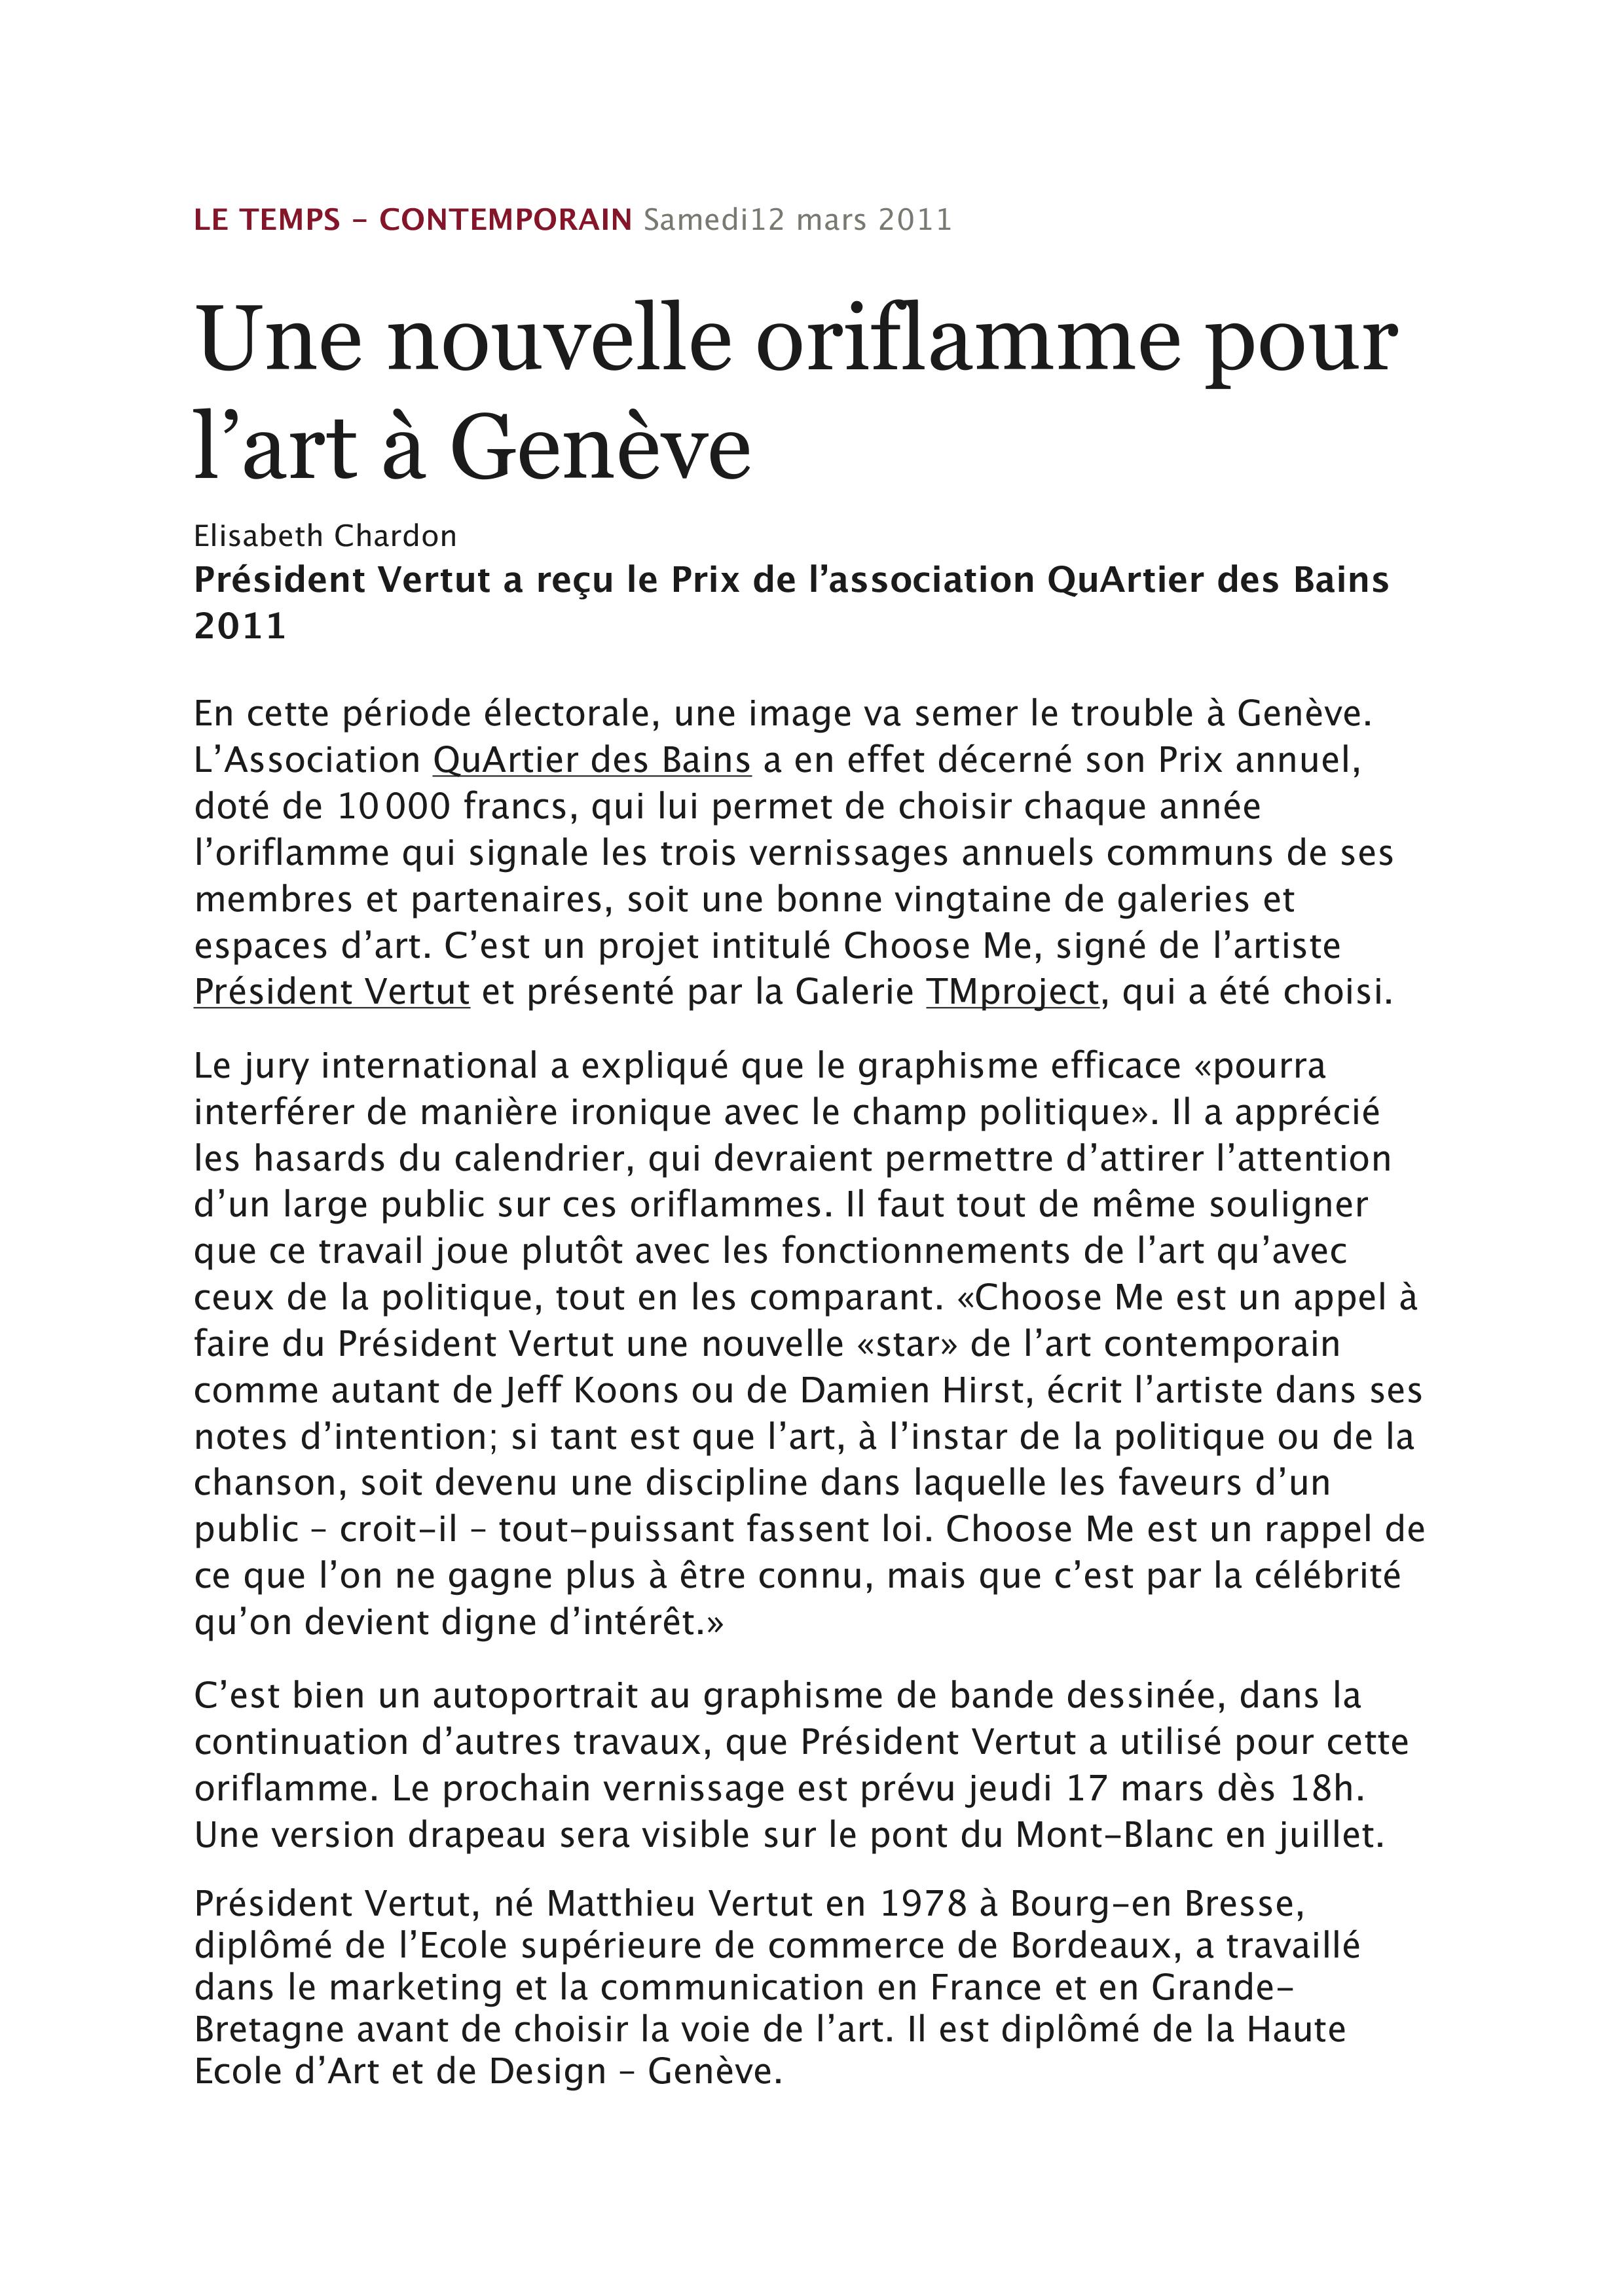 President_Vertut_Le_Temps_2011.jpg